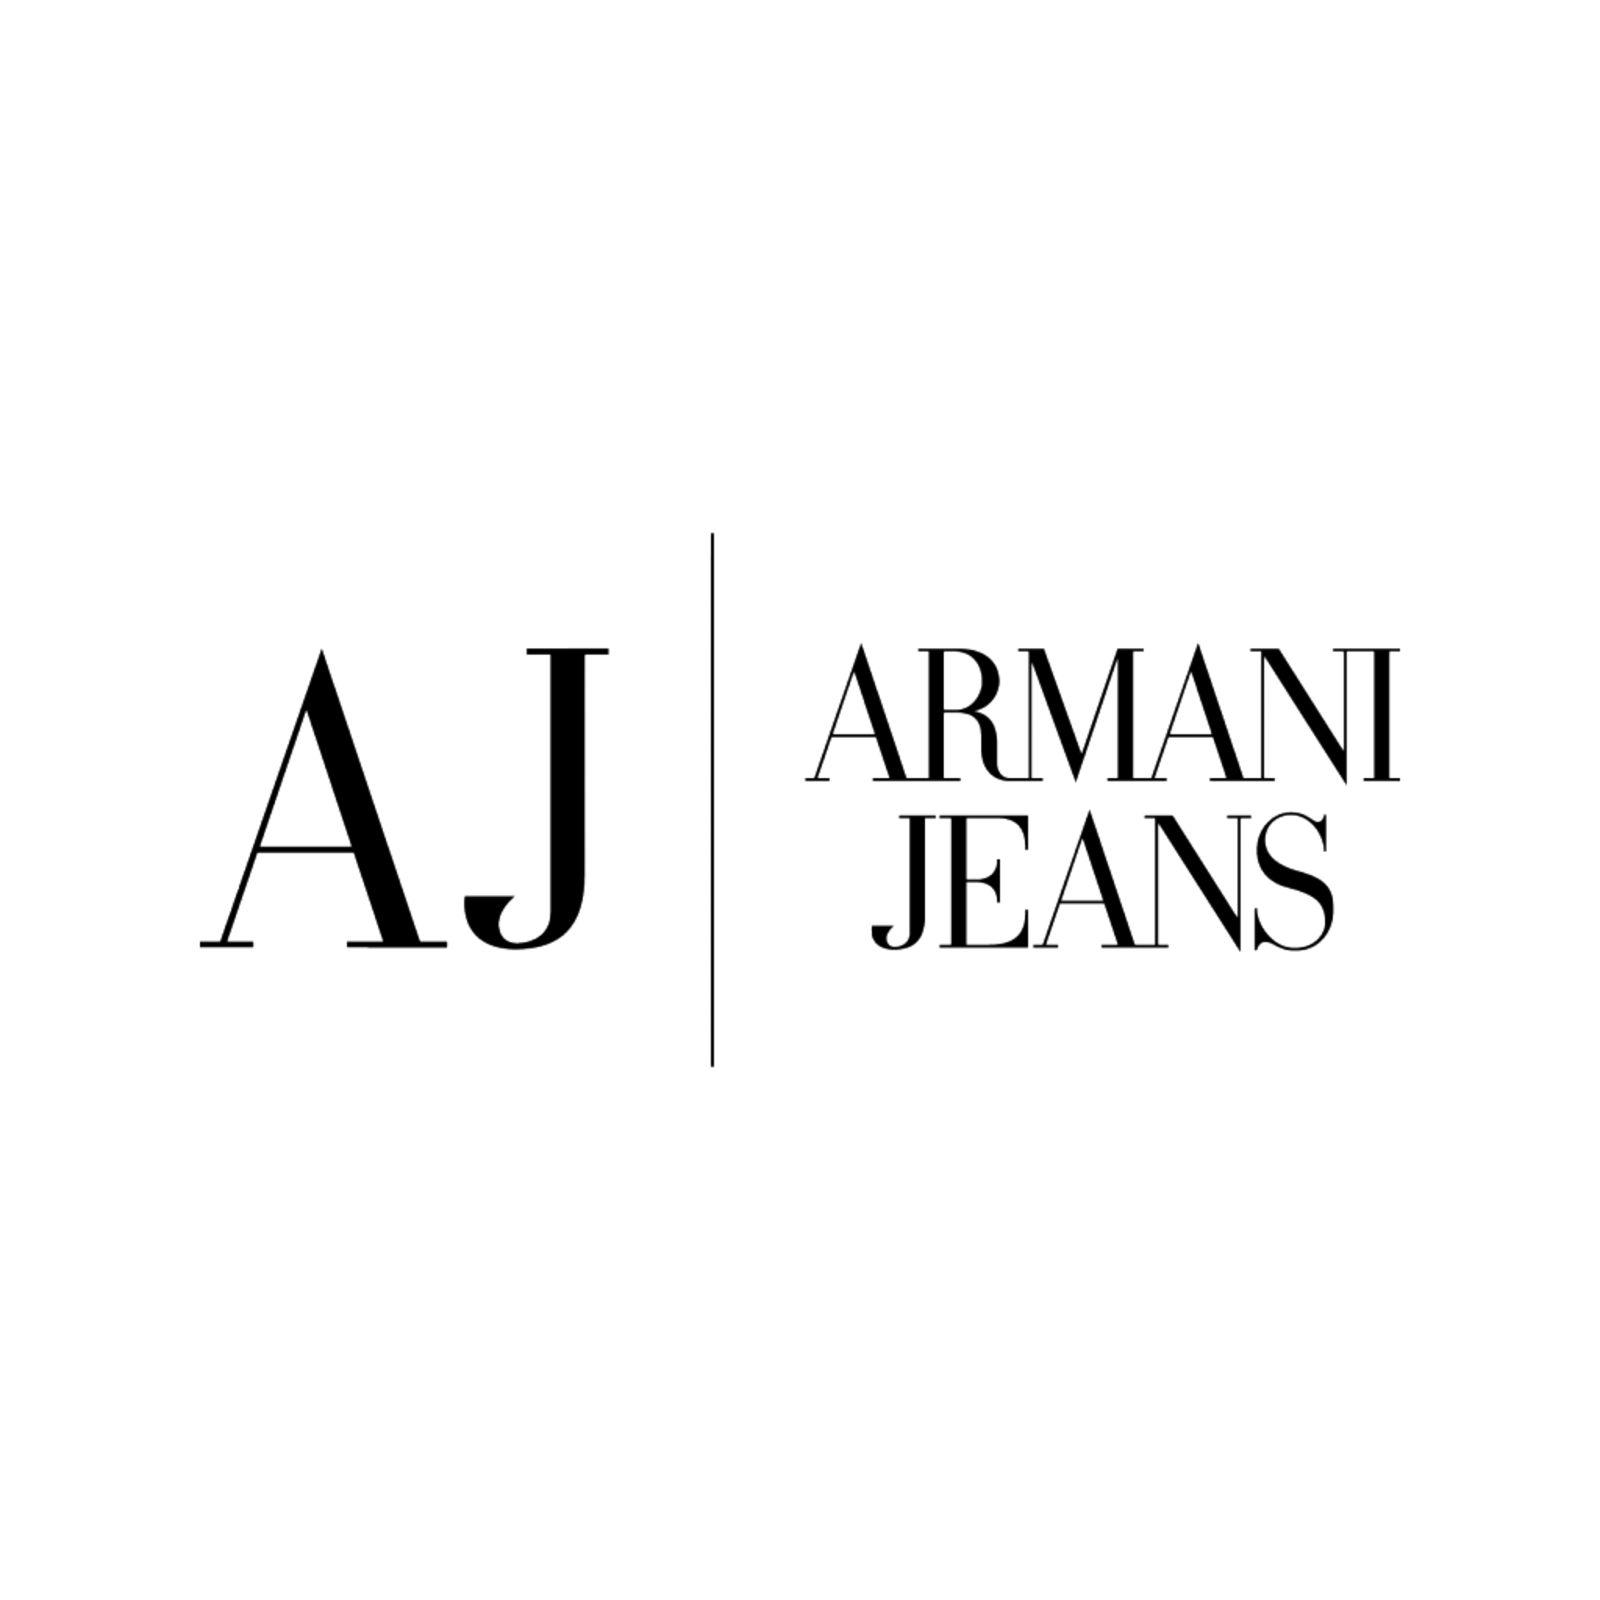 ARMANI JEANS (Изображение 1)